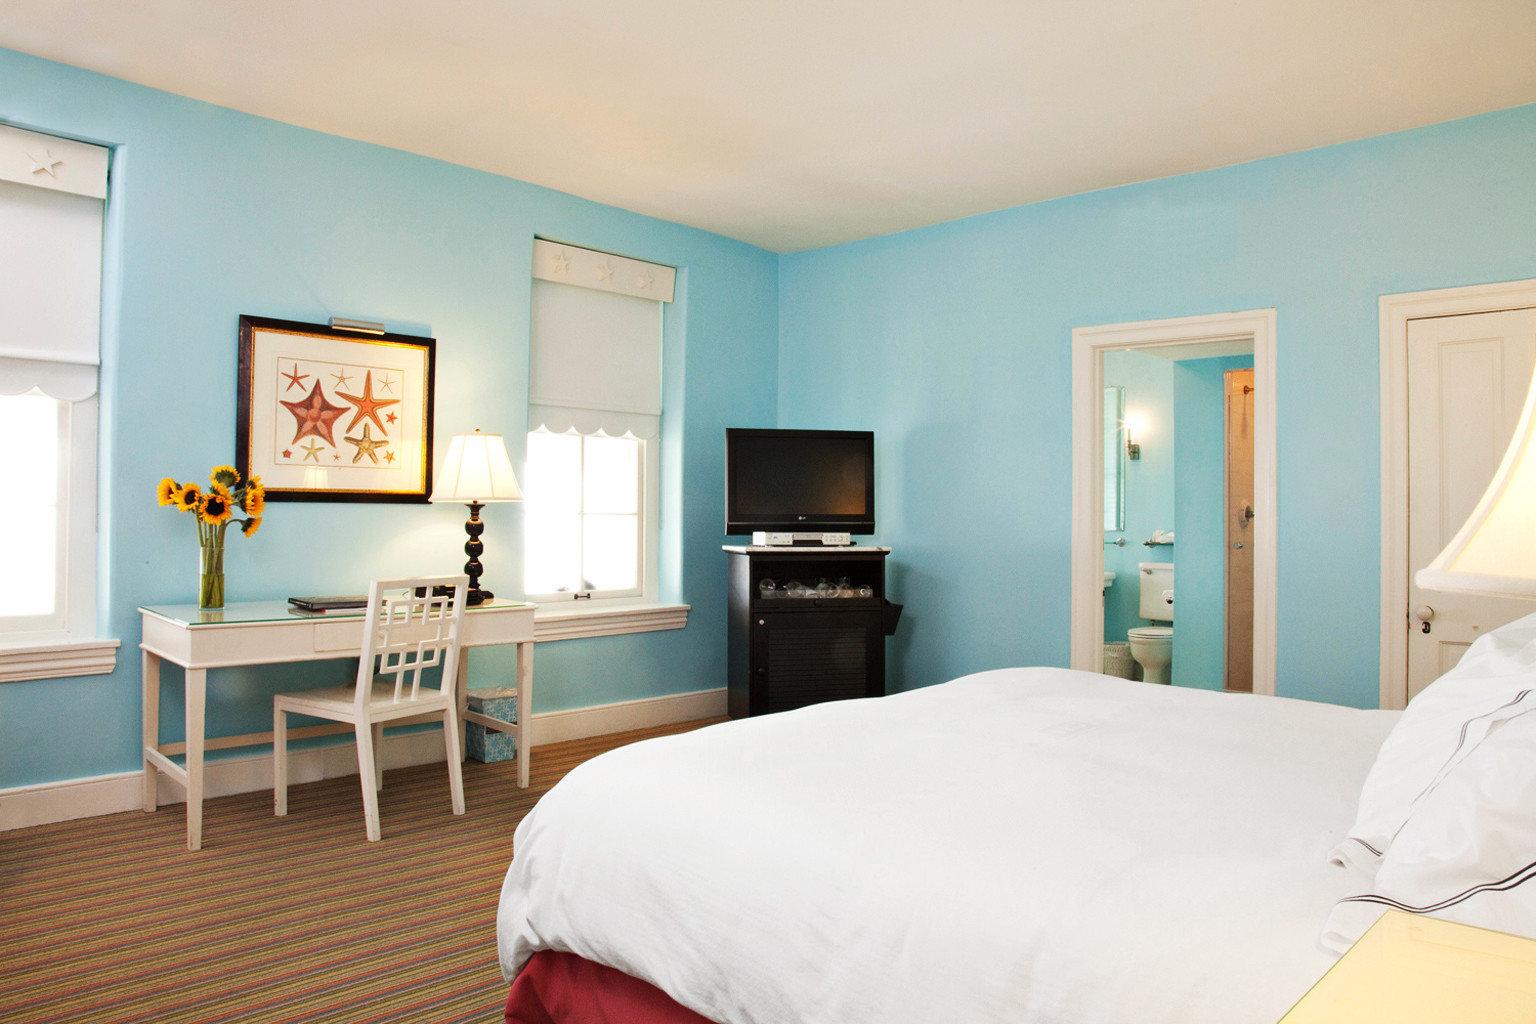 Bedroom Historic Hotels property scene Suite home cottage living room